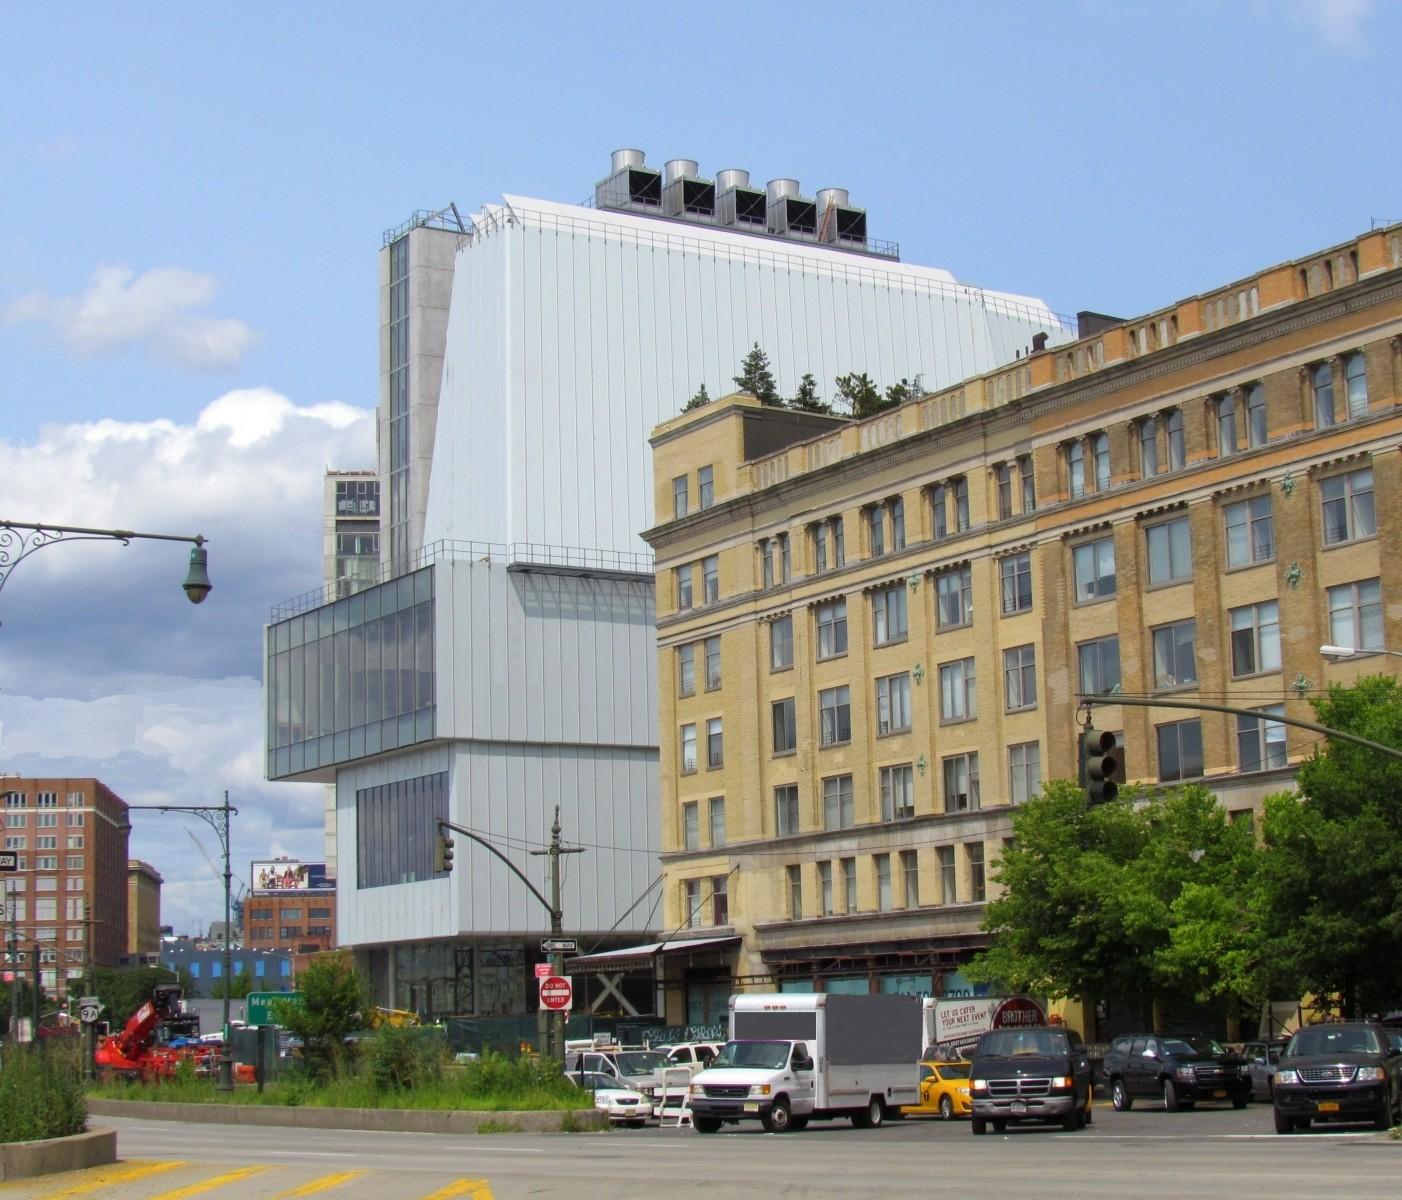 museo de whitney de arte estadounidense